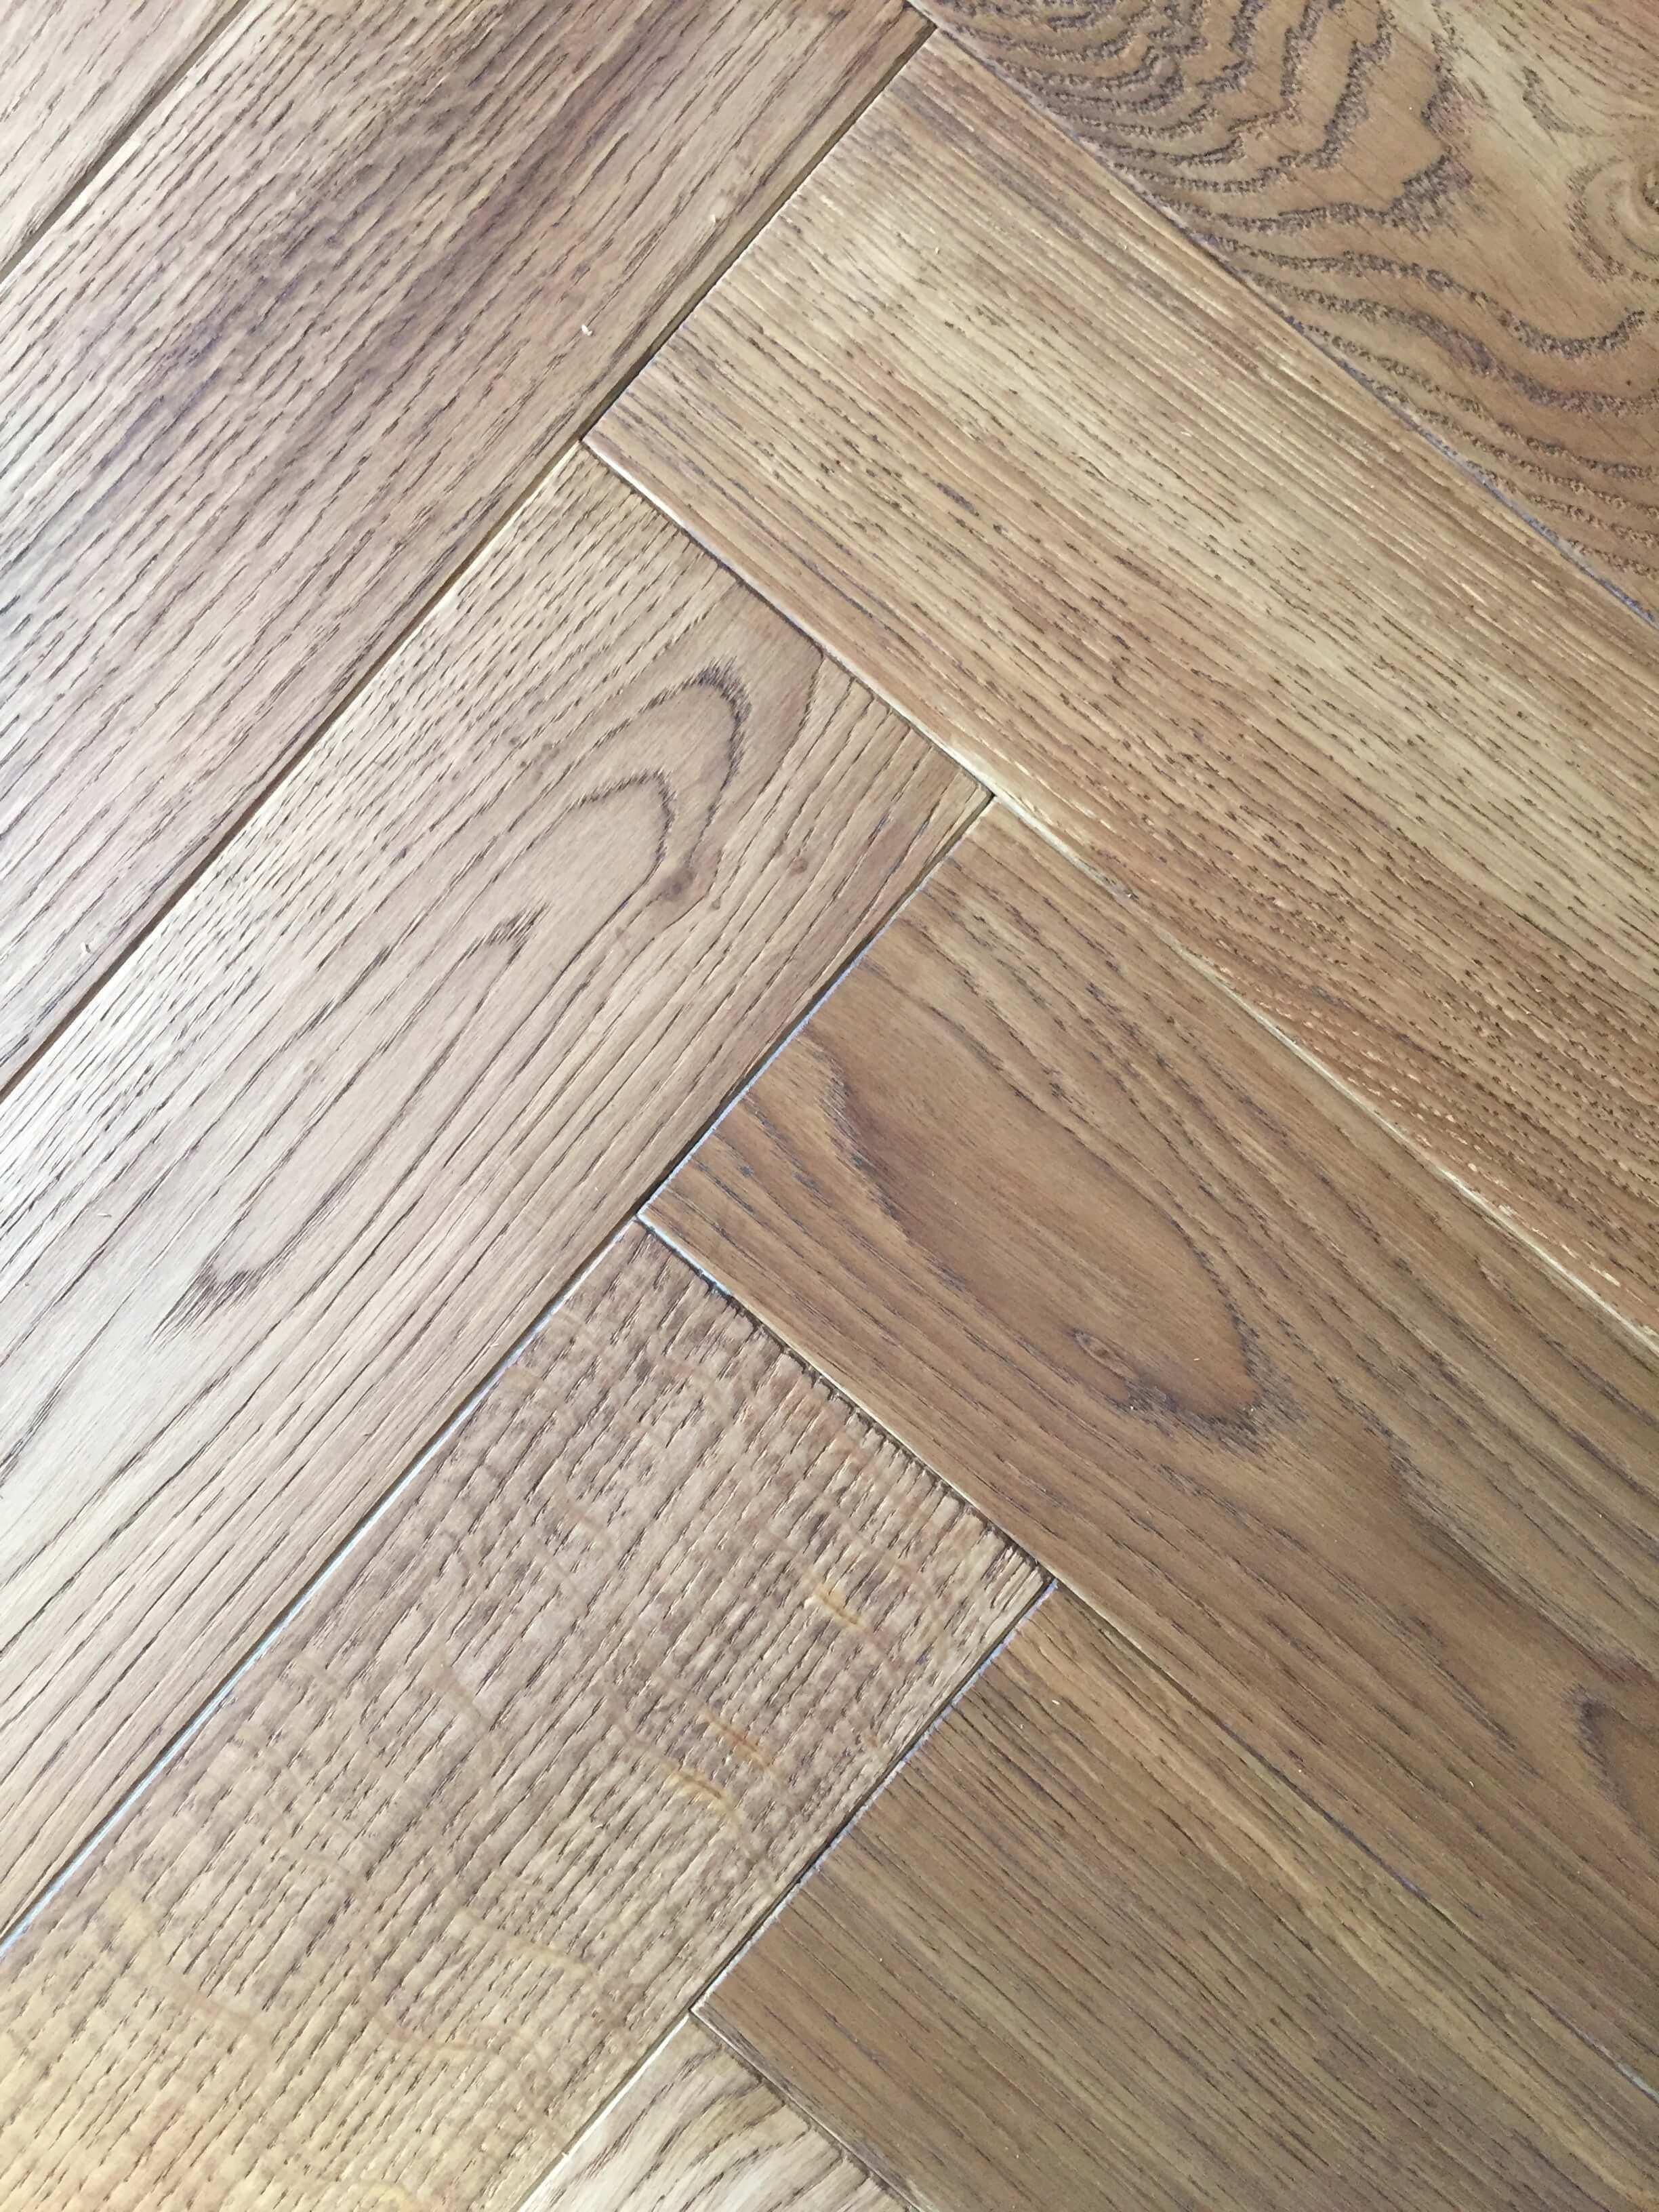 24 Wonderful Hardwood Flooring Sale In Mississauga